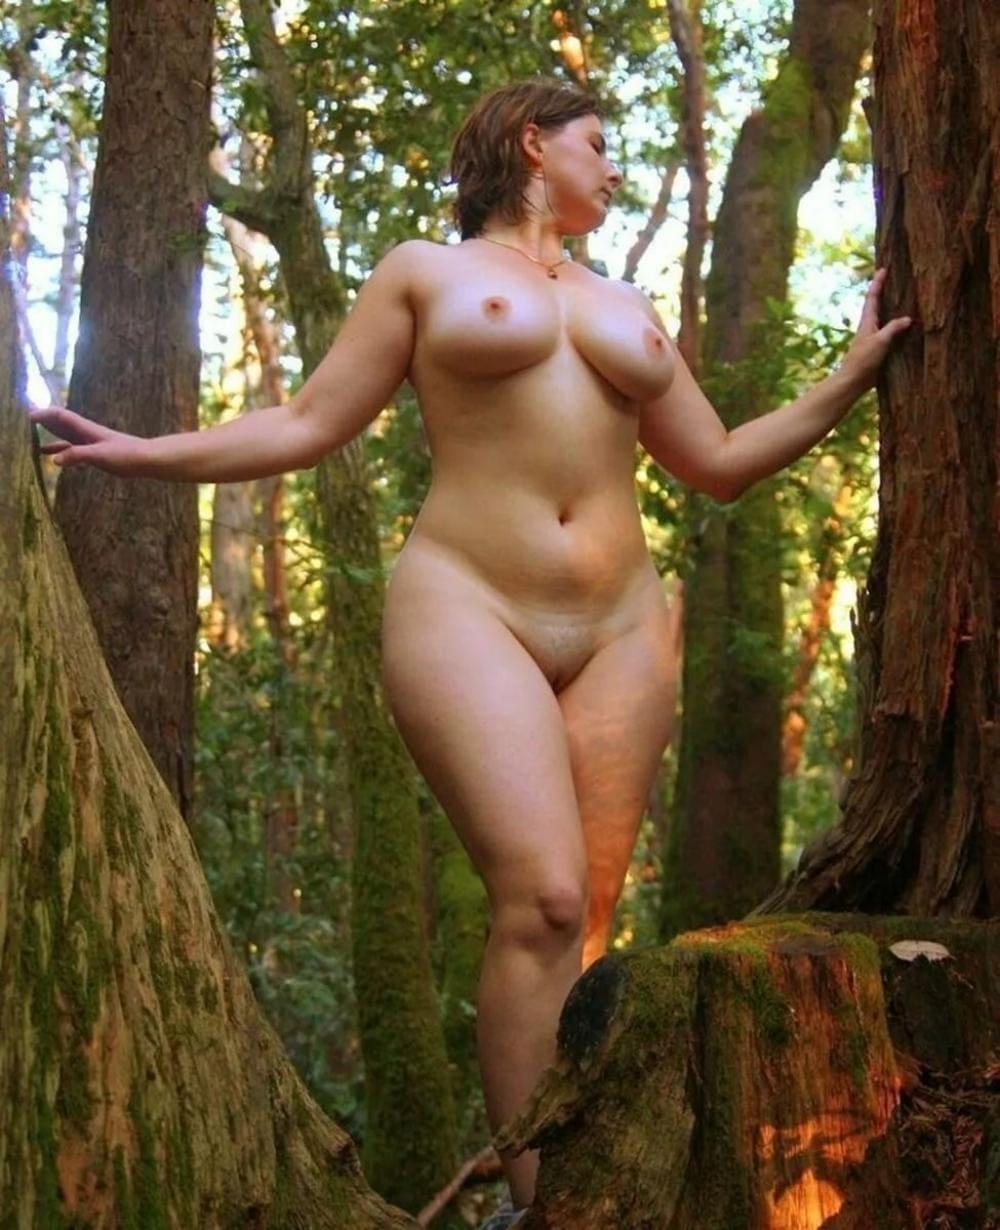 Зрелые женщины на природе шатенка с короткой стрижкой красивой фигурой и сиськами стоит в лесу между деревьев